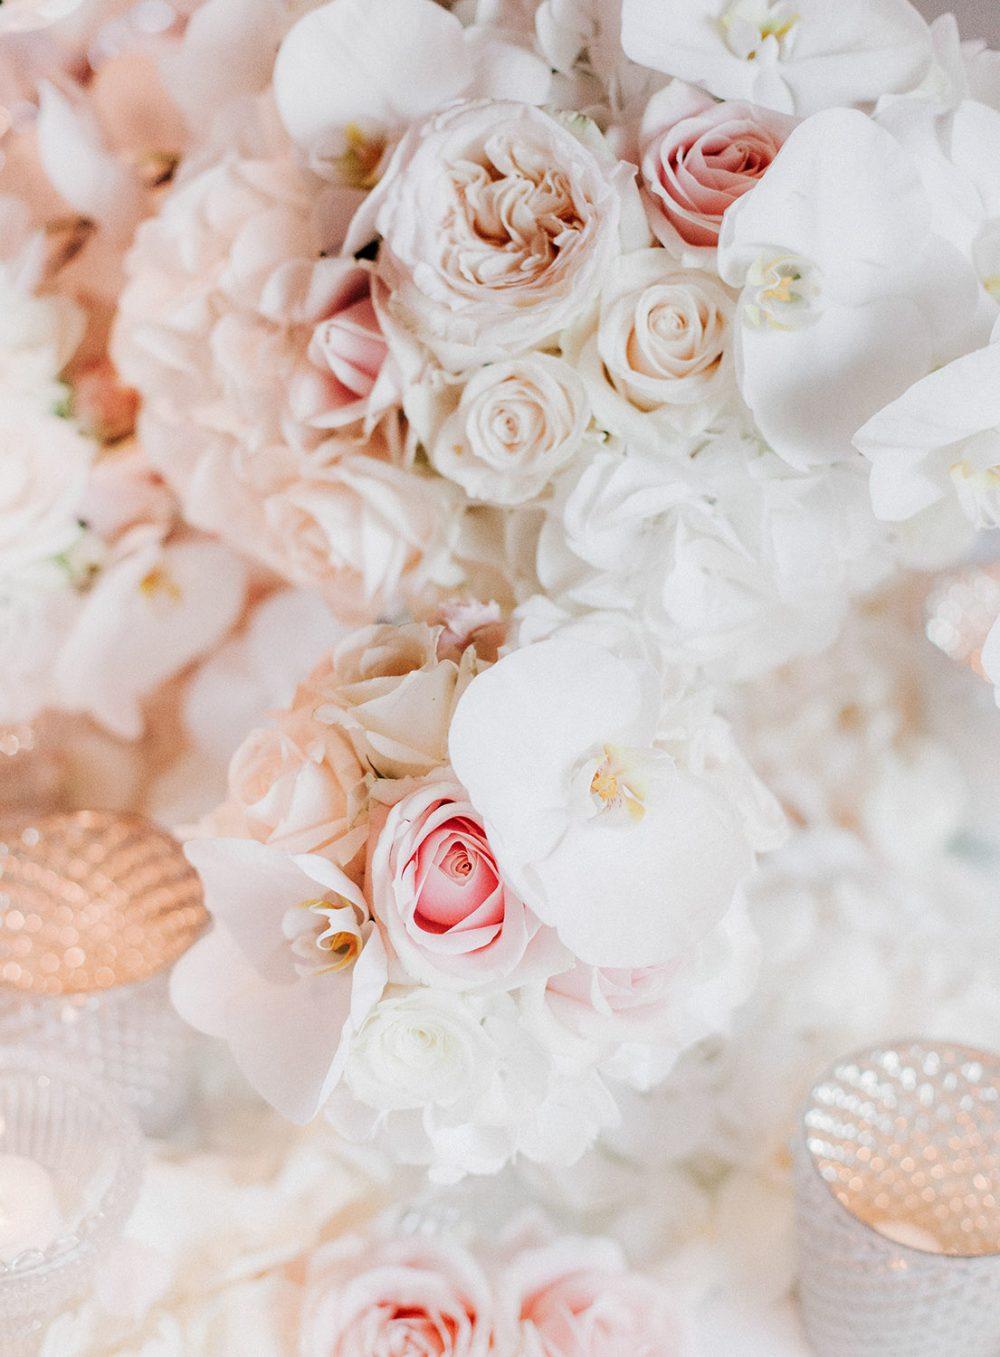 Hochzeit Schloss Gümligen Orchideen Rosen weiss freie Trauung Blumen Tabea Maria-Lisa Schlosshochzeit Luxus Hochzeit Luxury Wedding Floral Designs Decor white heiraten The Alpina Gstaad Promi Hochzeit